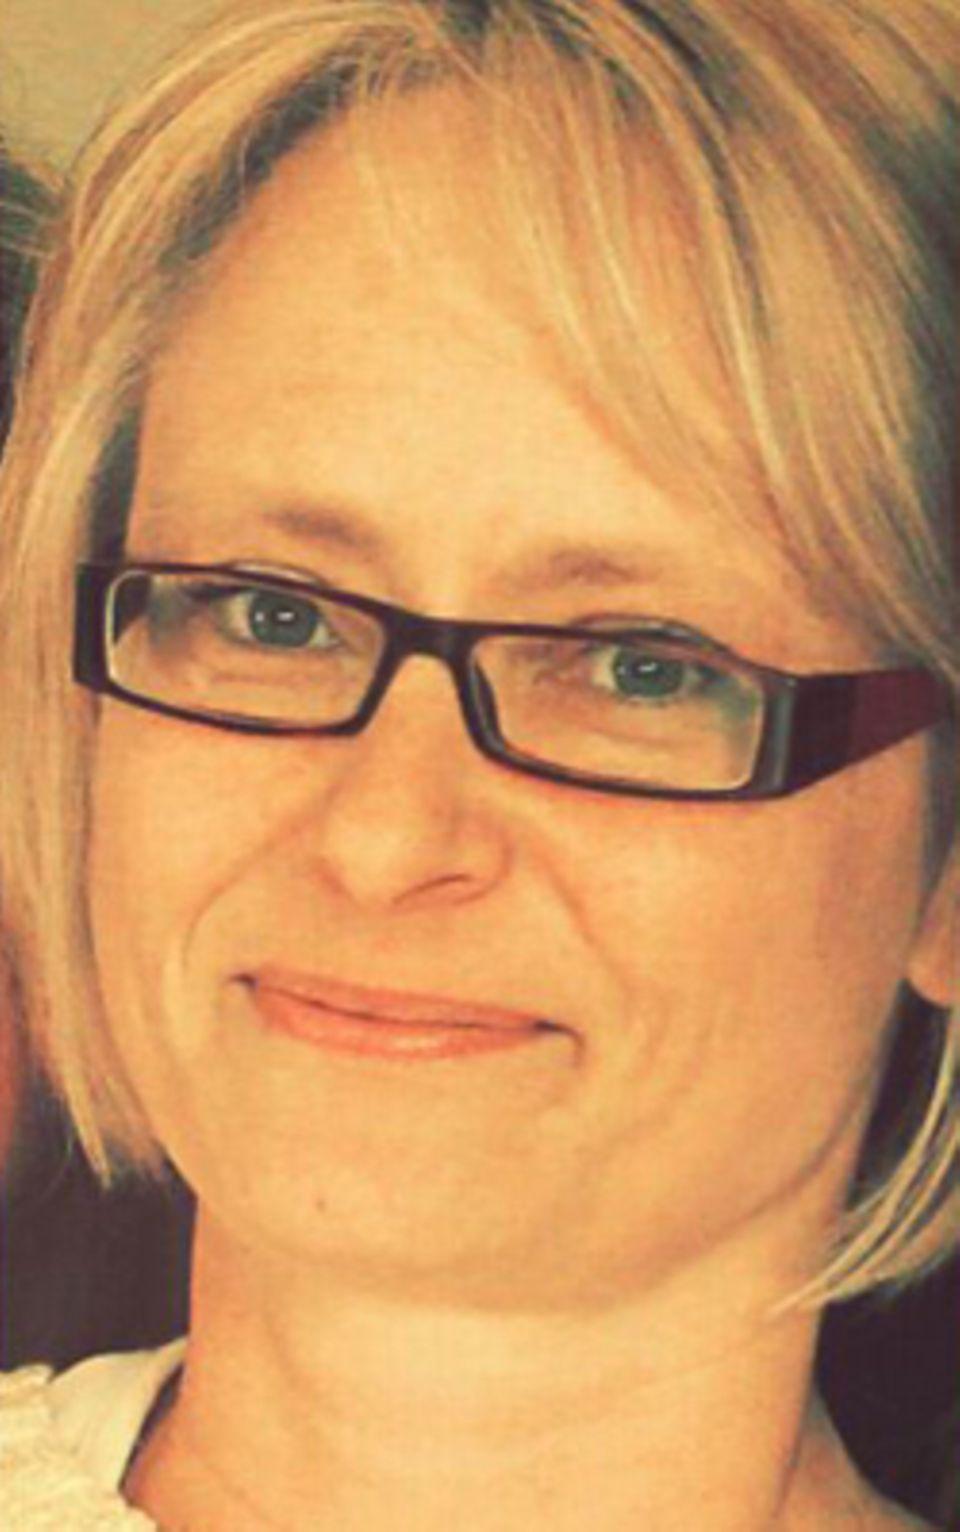 Silke Heilscher (44) ist verheiratet und hat ein Kind. Sie arbeitet Teilzeit in einer Sparkasse und schreibt nebenher gern ihre Alltagserlebnisse auf, um andere zum Schmunzeln oder zum Nachdenken zu bringen.